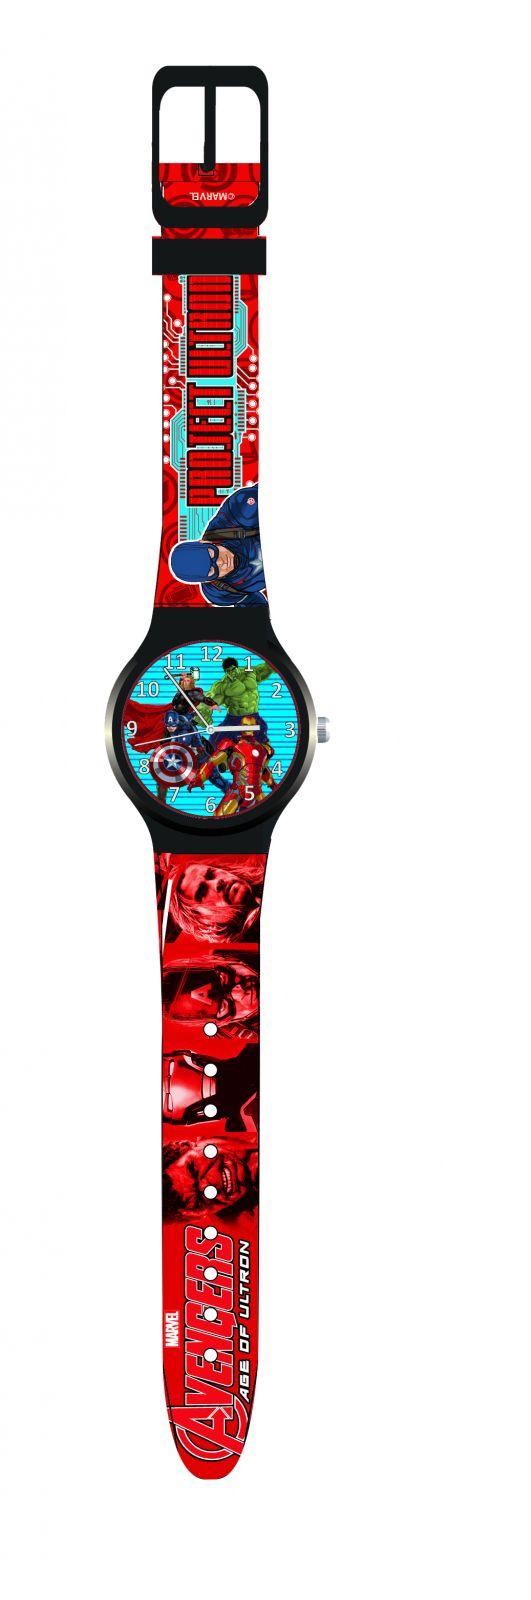 Dětské hodinky - analogové ( blistr ) - Avengers Diakakis